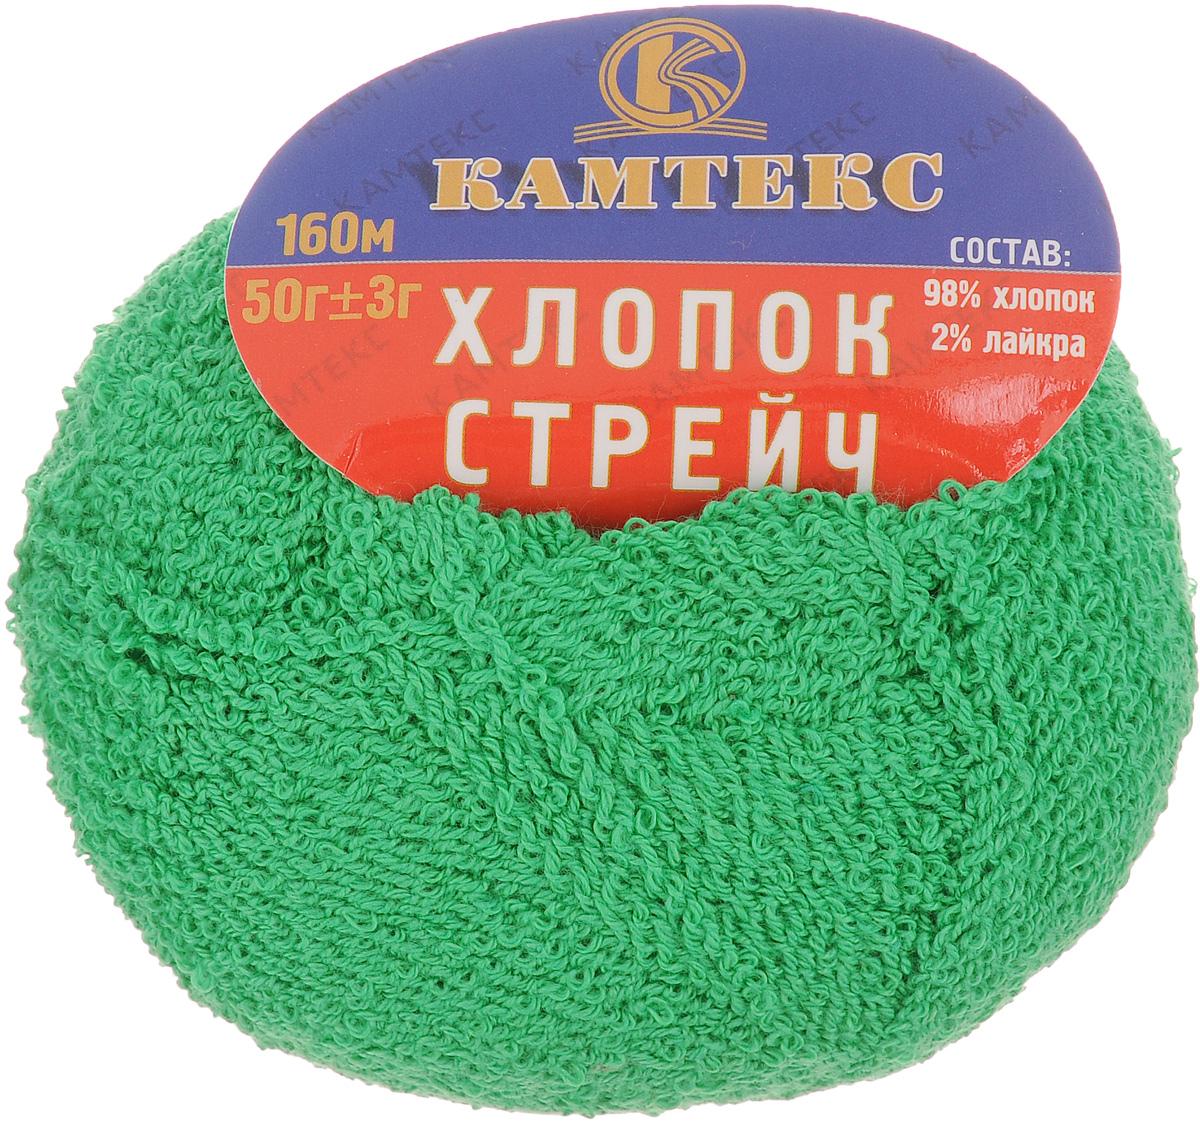 Пряжа для вязания Камтекс Хлопок стрейч, цвет: зеленый (110), 160 м, 50 г, 10 шт136077_110Пряжа для ручного вязания Хлопок стрейч изготовлена из хлопка и лайкры в две нити. Оптимальная длина нити в мотке та, какую любят большинство рукодельниц. Пряжа имеет интересное переплетение, стабильна в полотне, ложится красивой и эффектной фактурой. Гигиенична, гигроскопична, приятна для тела. Прекрасный вариант для вязания летней одежды. С такой пряжей для ручного вязания вы сможете связать своими руками необычные и красивые вещи. Рекомендованные спицы и крючок для вязания 2-5 мм. Состав: 98% хлопок, 2% лайкра. Толщина нити: 1,5 мм.